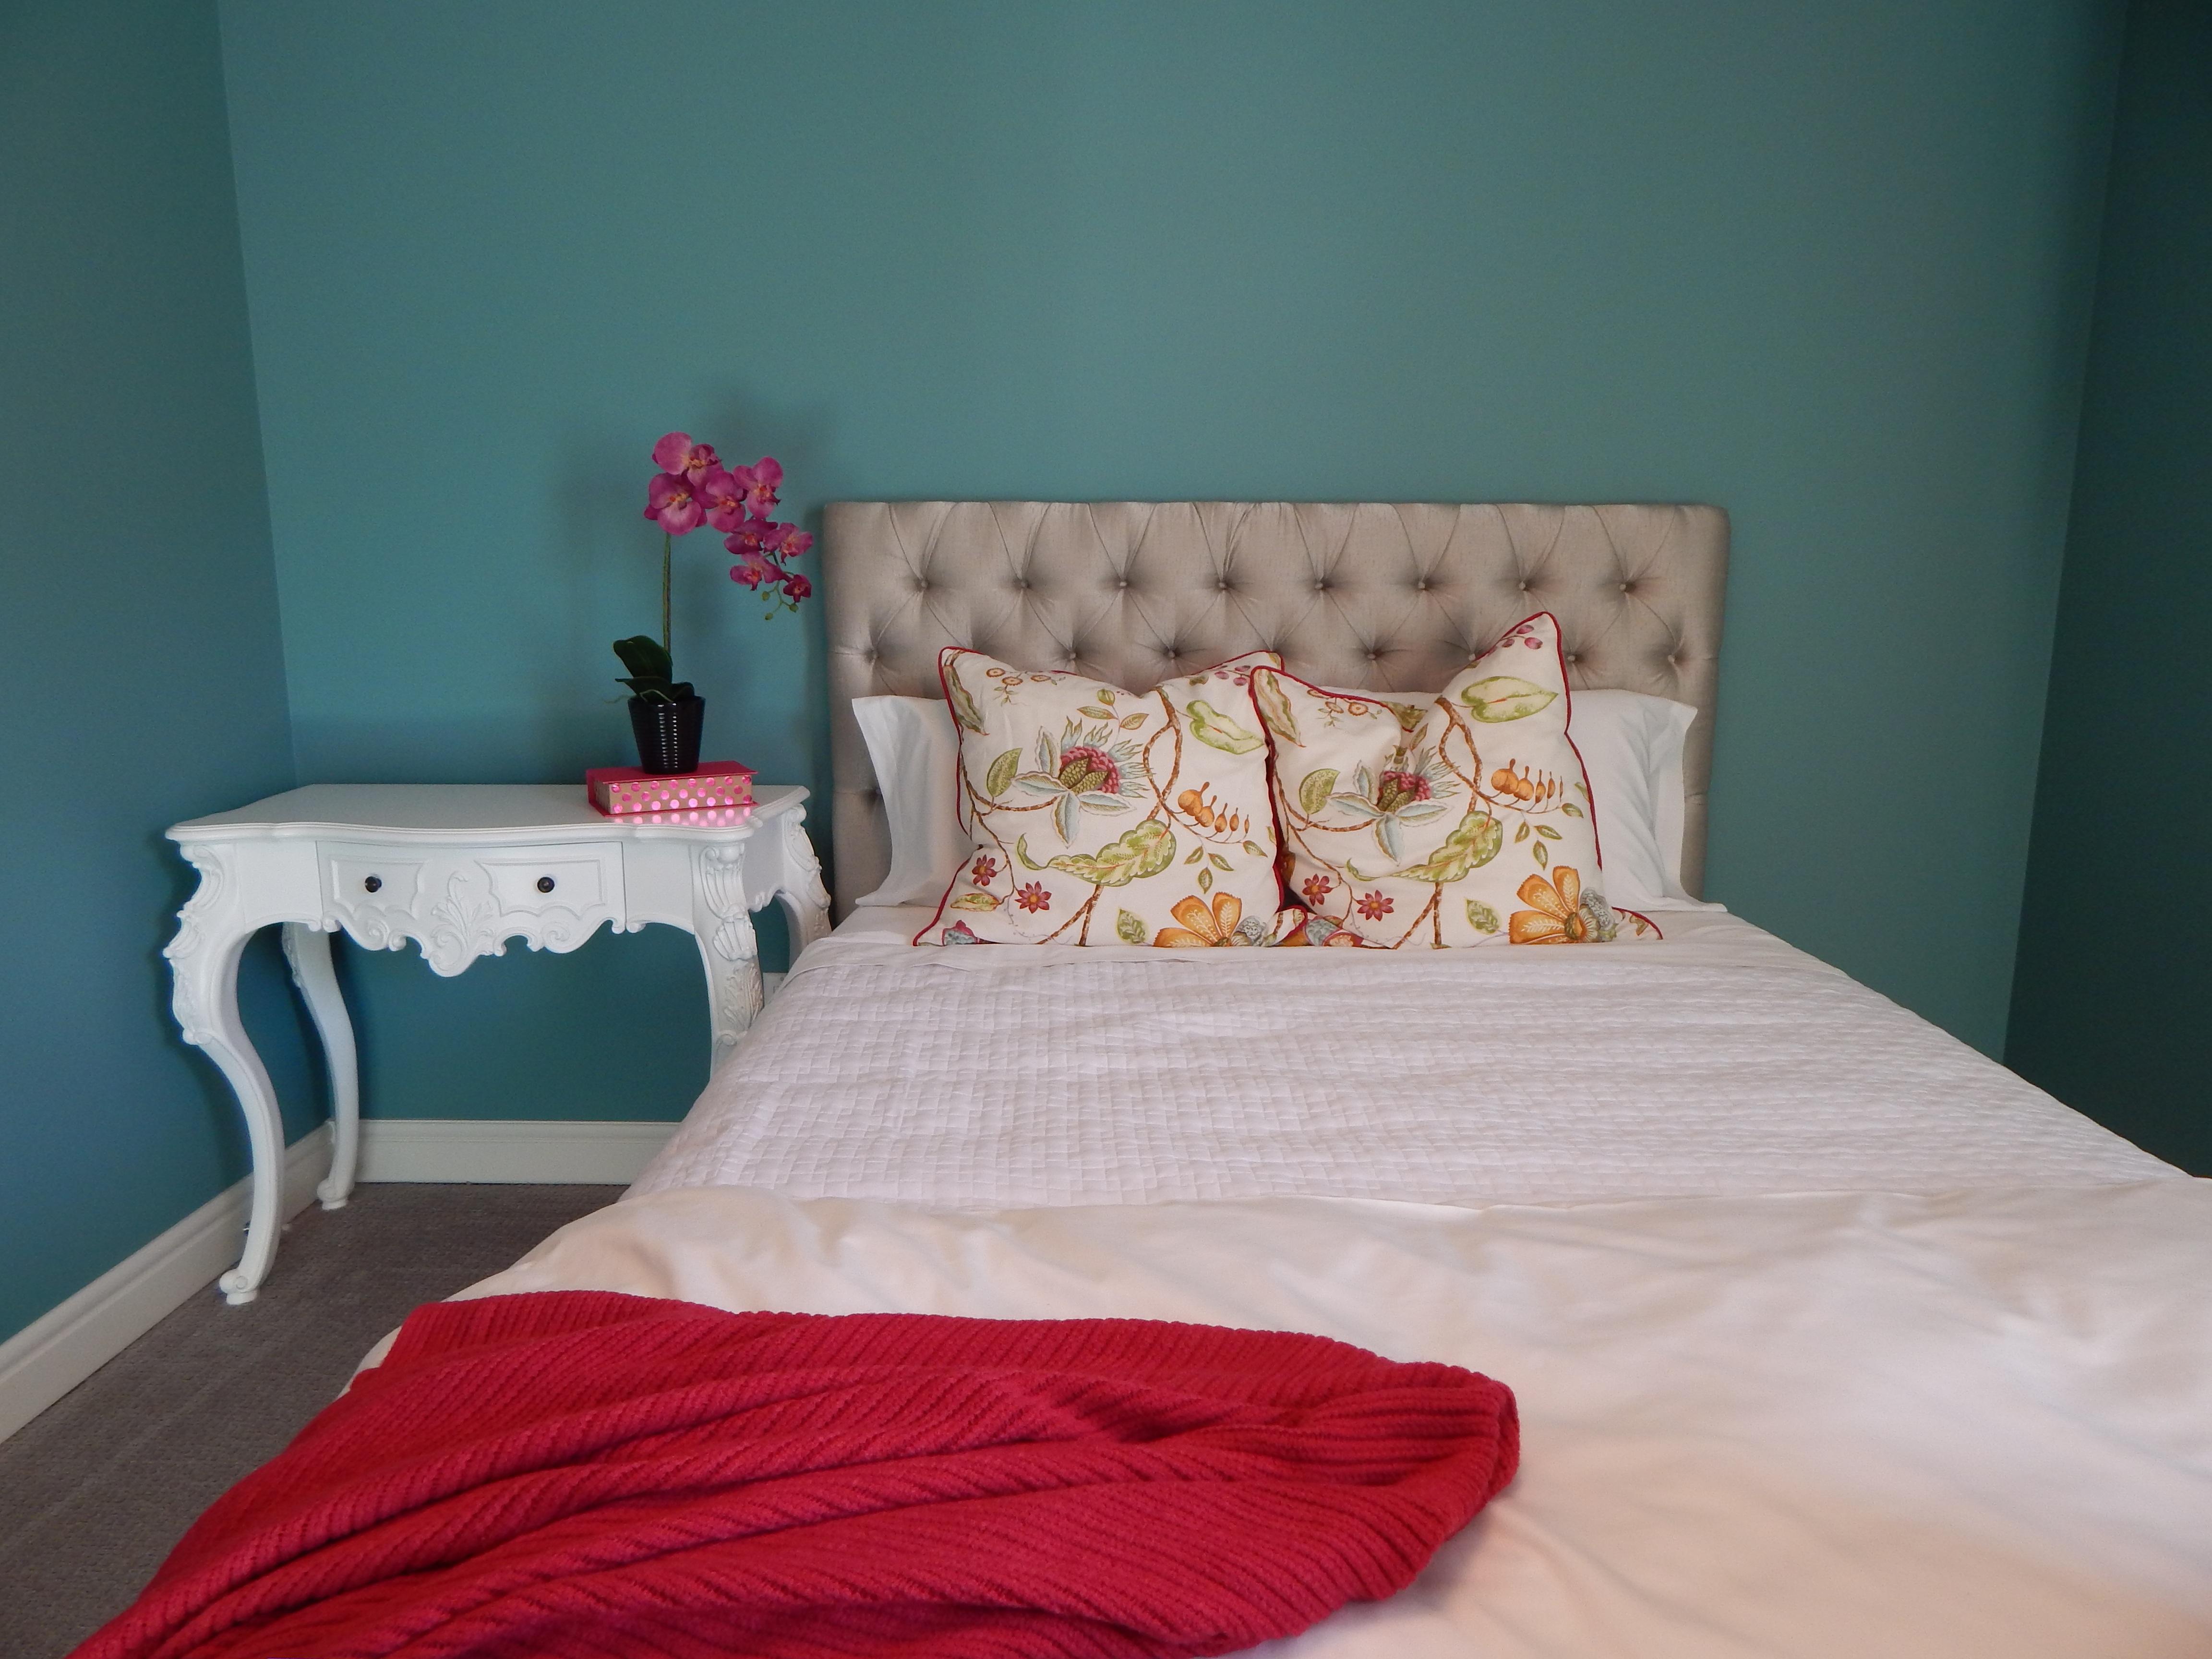 Fotos gratis : piso, interior, casa, cabaña, propiedad, mueble ...